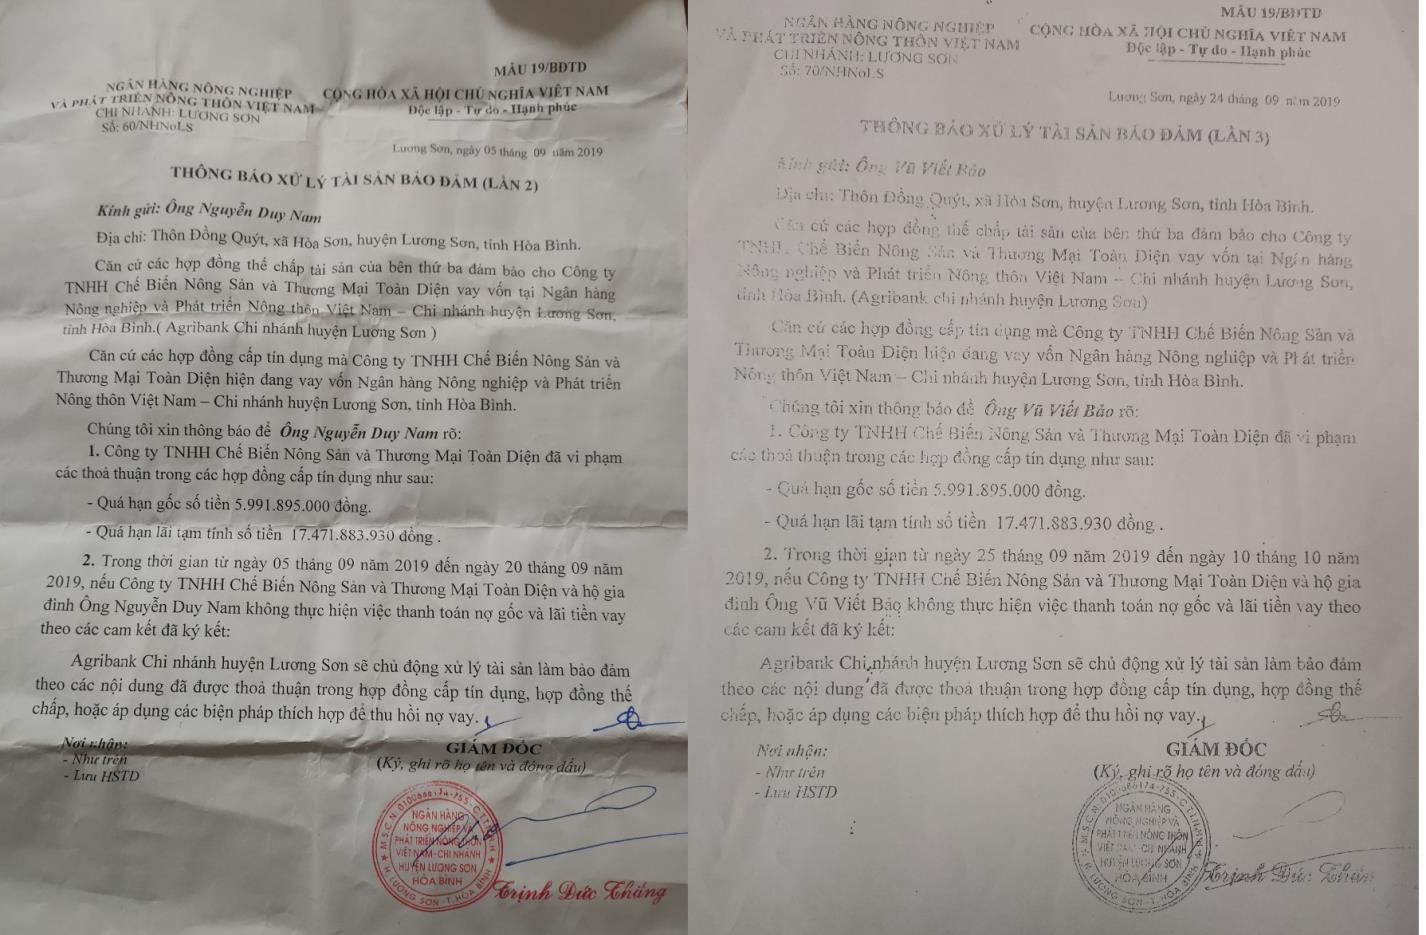 Lương Sơn- Hòa Bình: Không vay ngân hàng, nhiều nông dân nhận giấy báo nợ hàng tỉ đồng - Ảnh 1